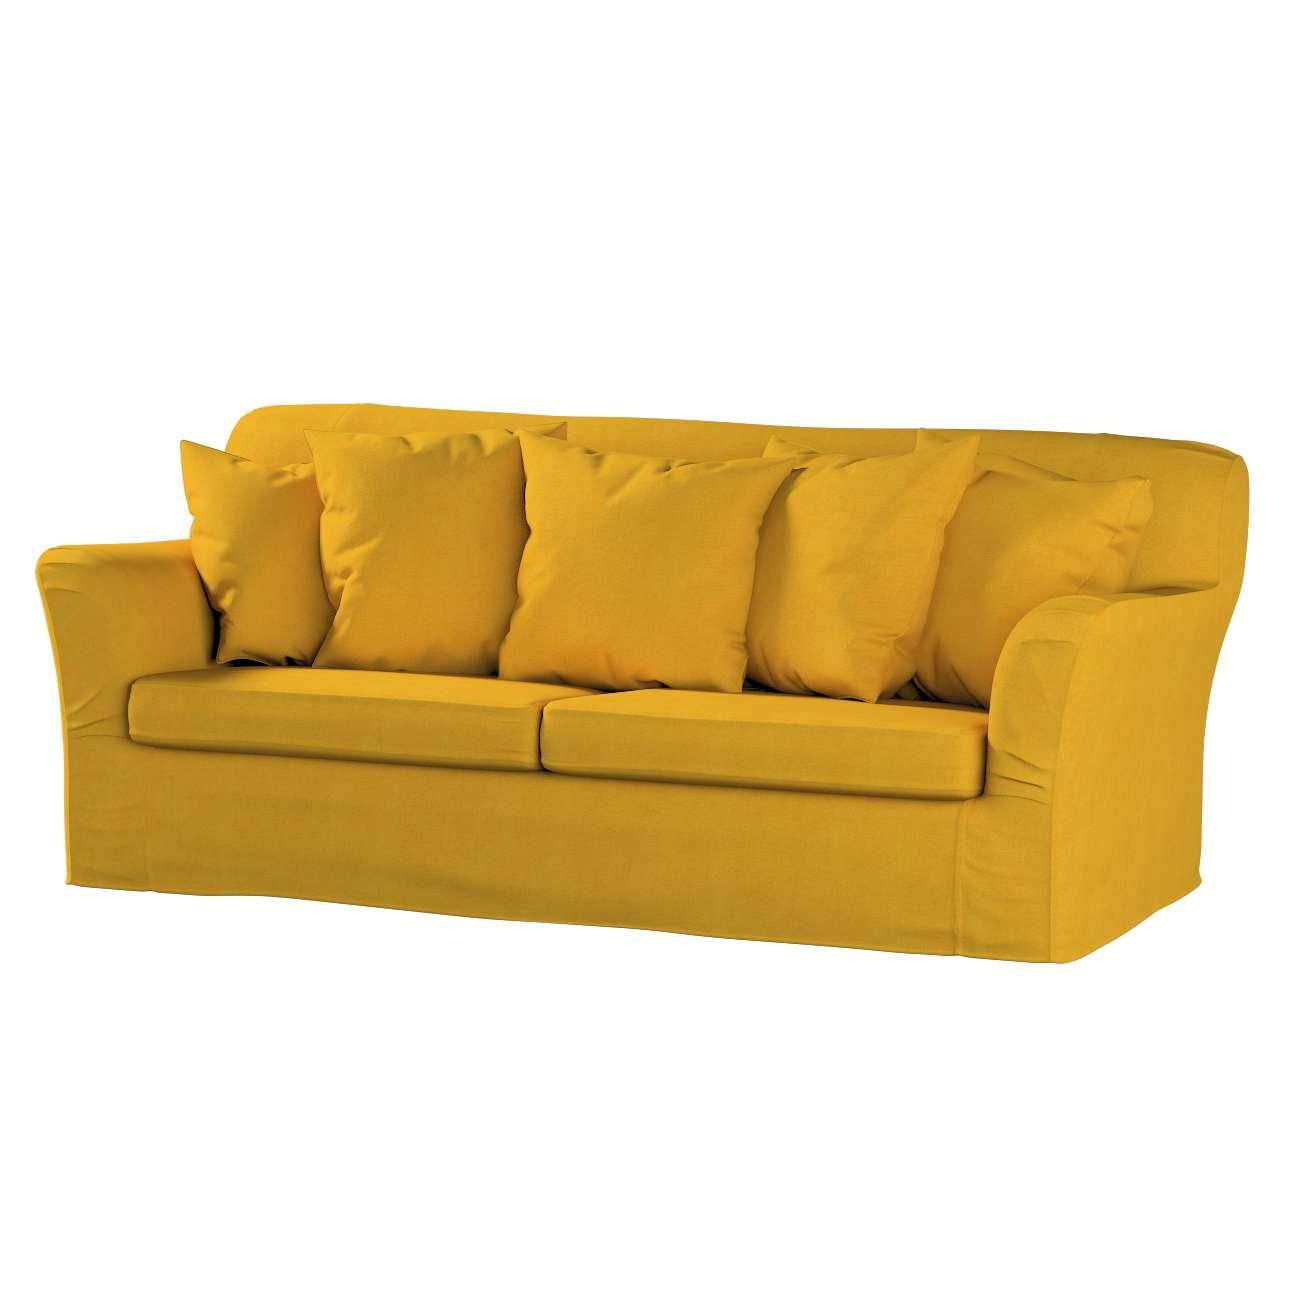 TOMELILLA trivietės sofos lovos užvalkalas TOMELILLA trivietė sofa lova kolekcijoje Etna , audinys: 705-04